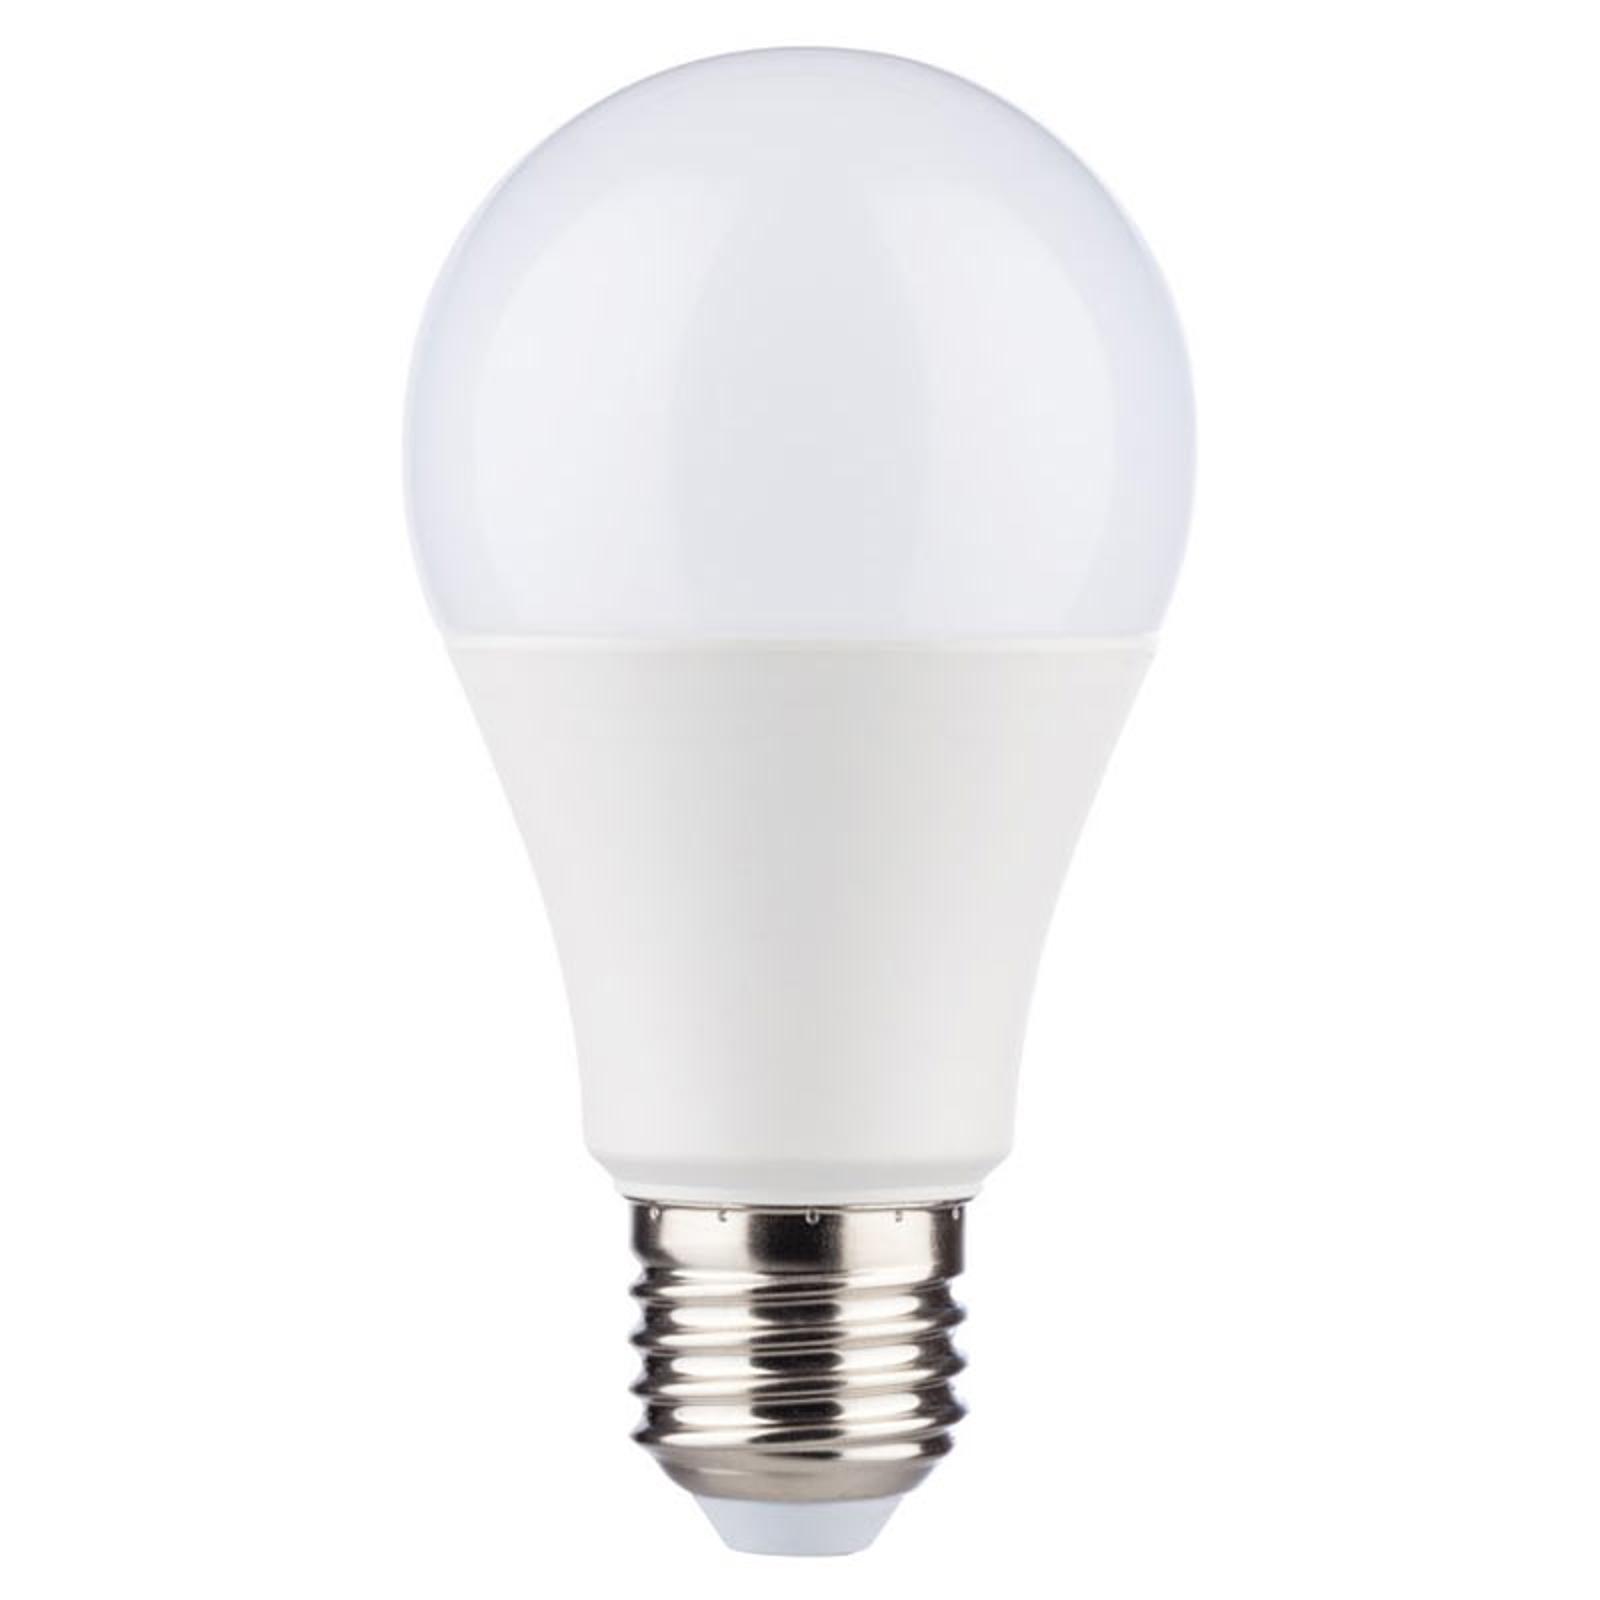 LED-Lampe Birne E27 9 W universalweiß 810 Lumen